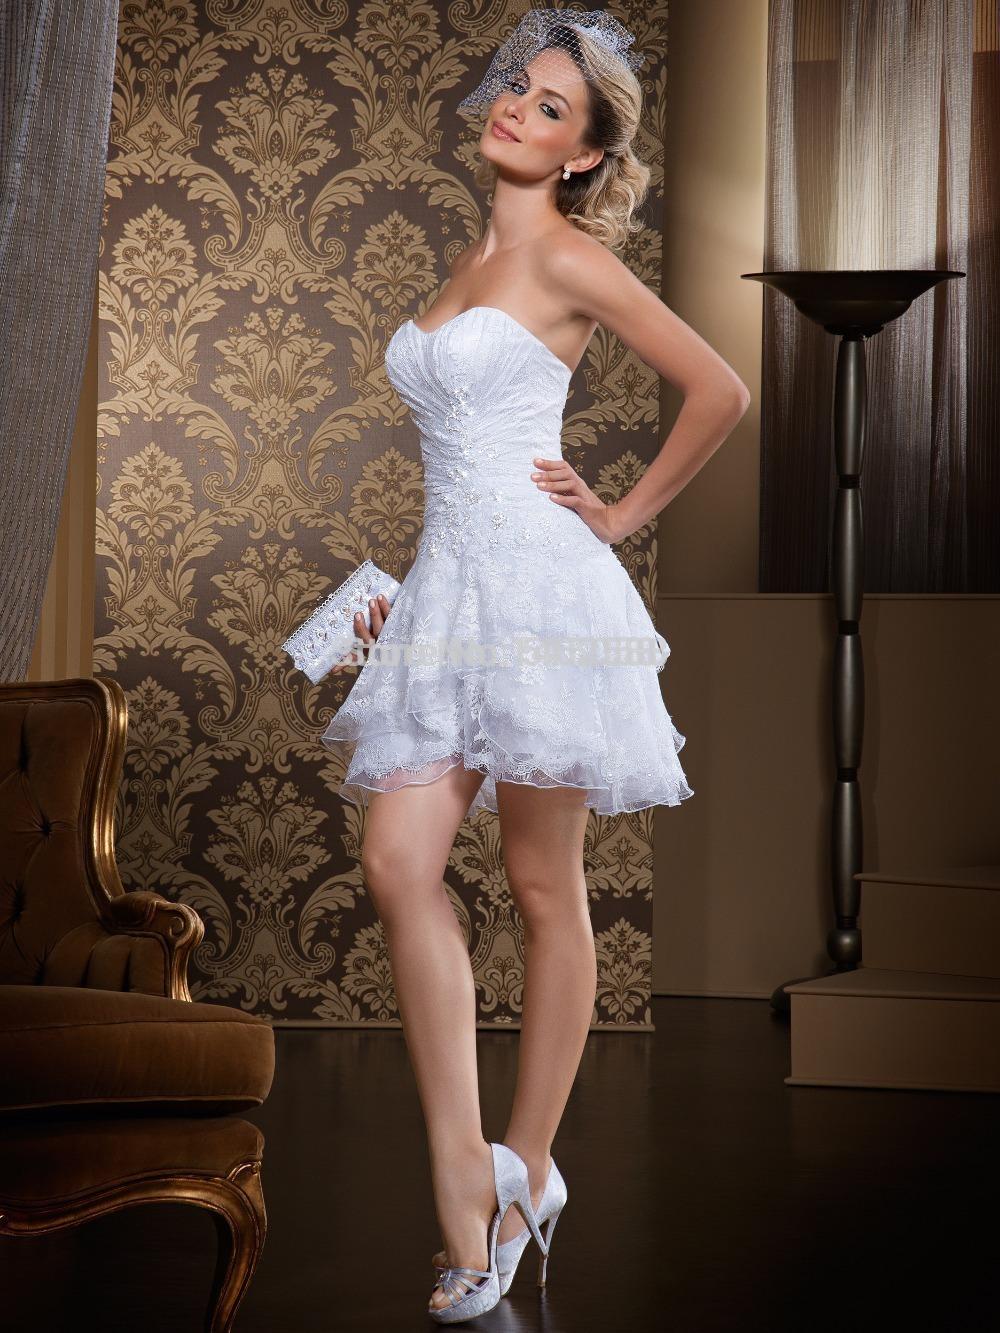 luchshie-idei-svadebnyh-plat'ev-17